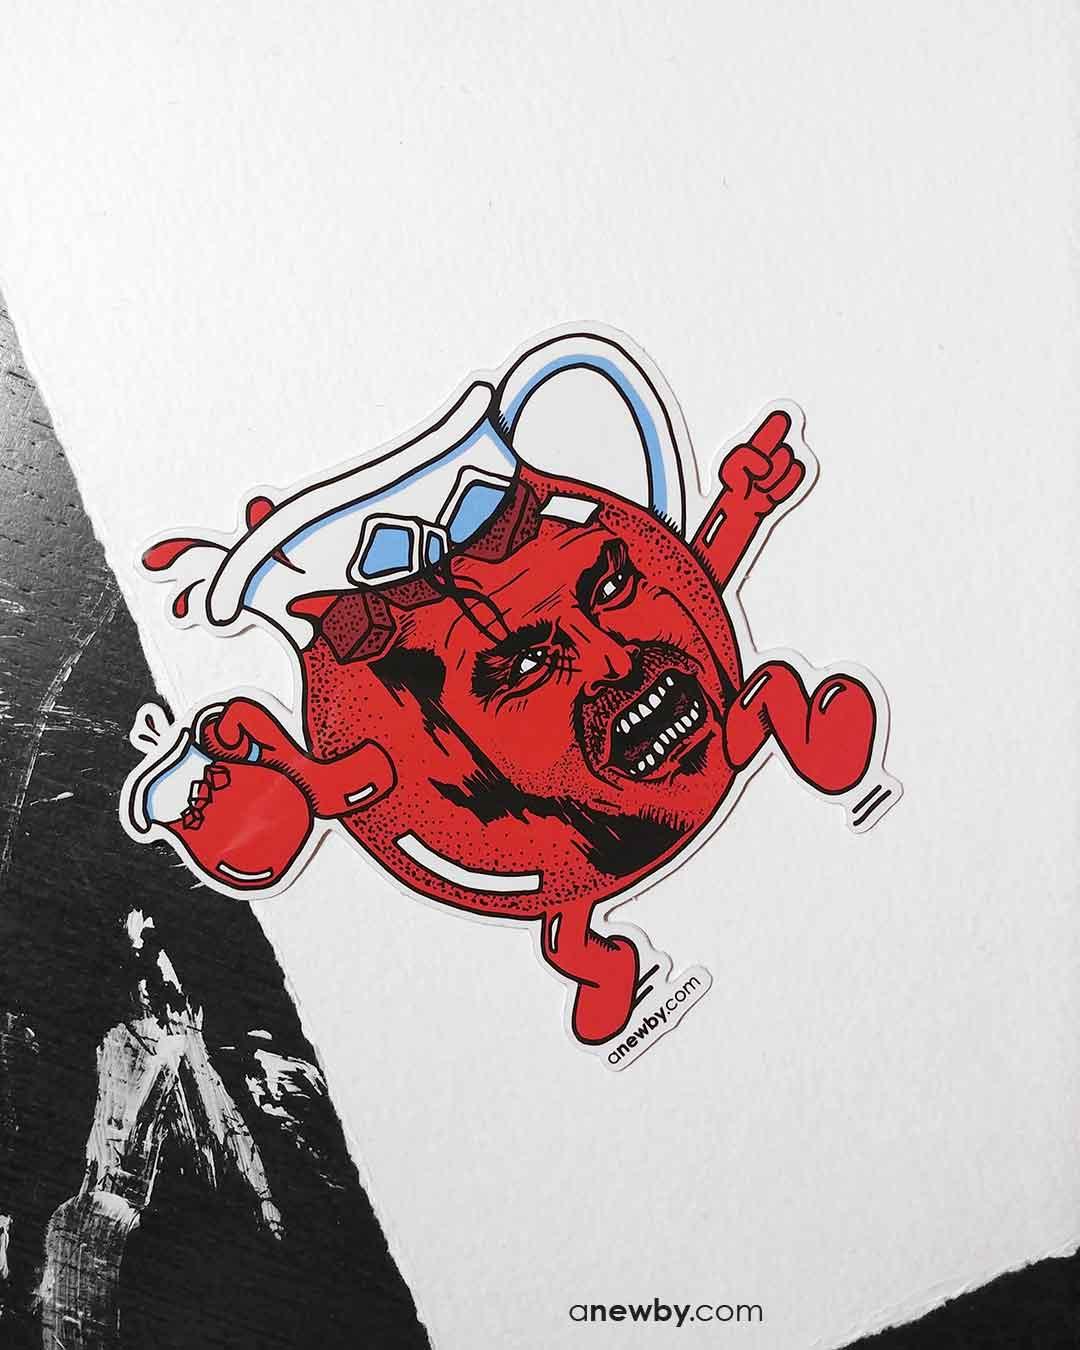 Kool Johnny Sticker by Newby